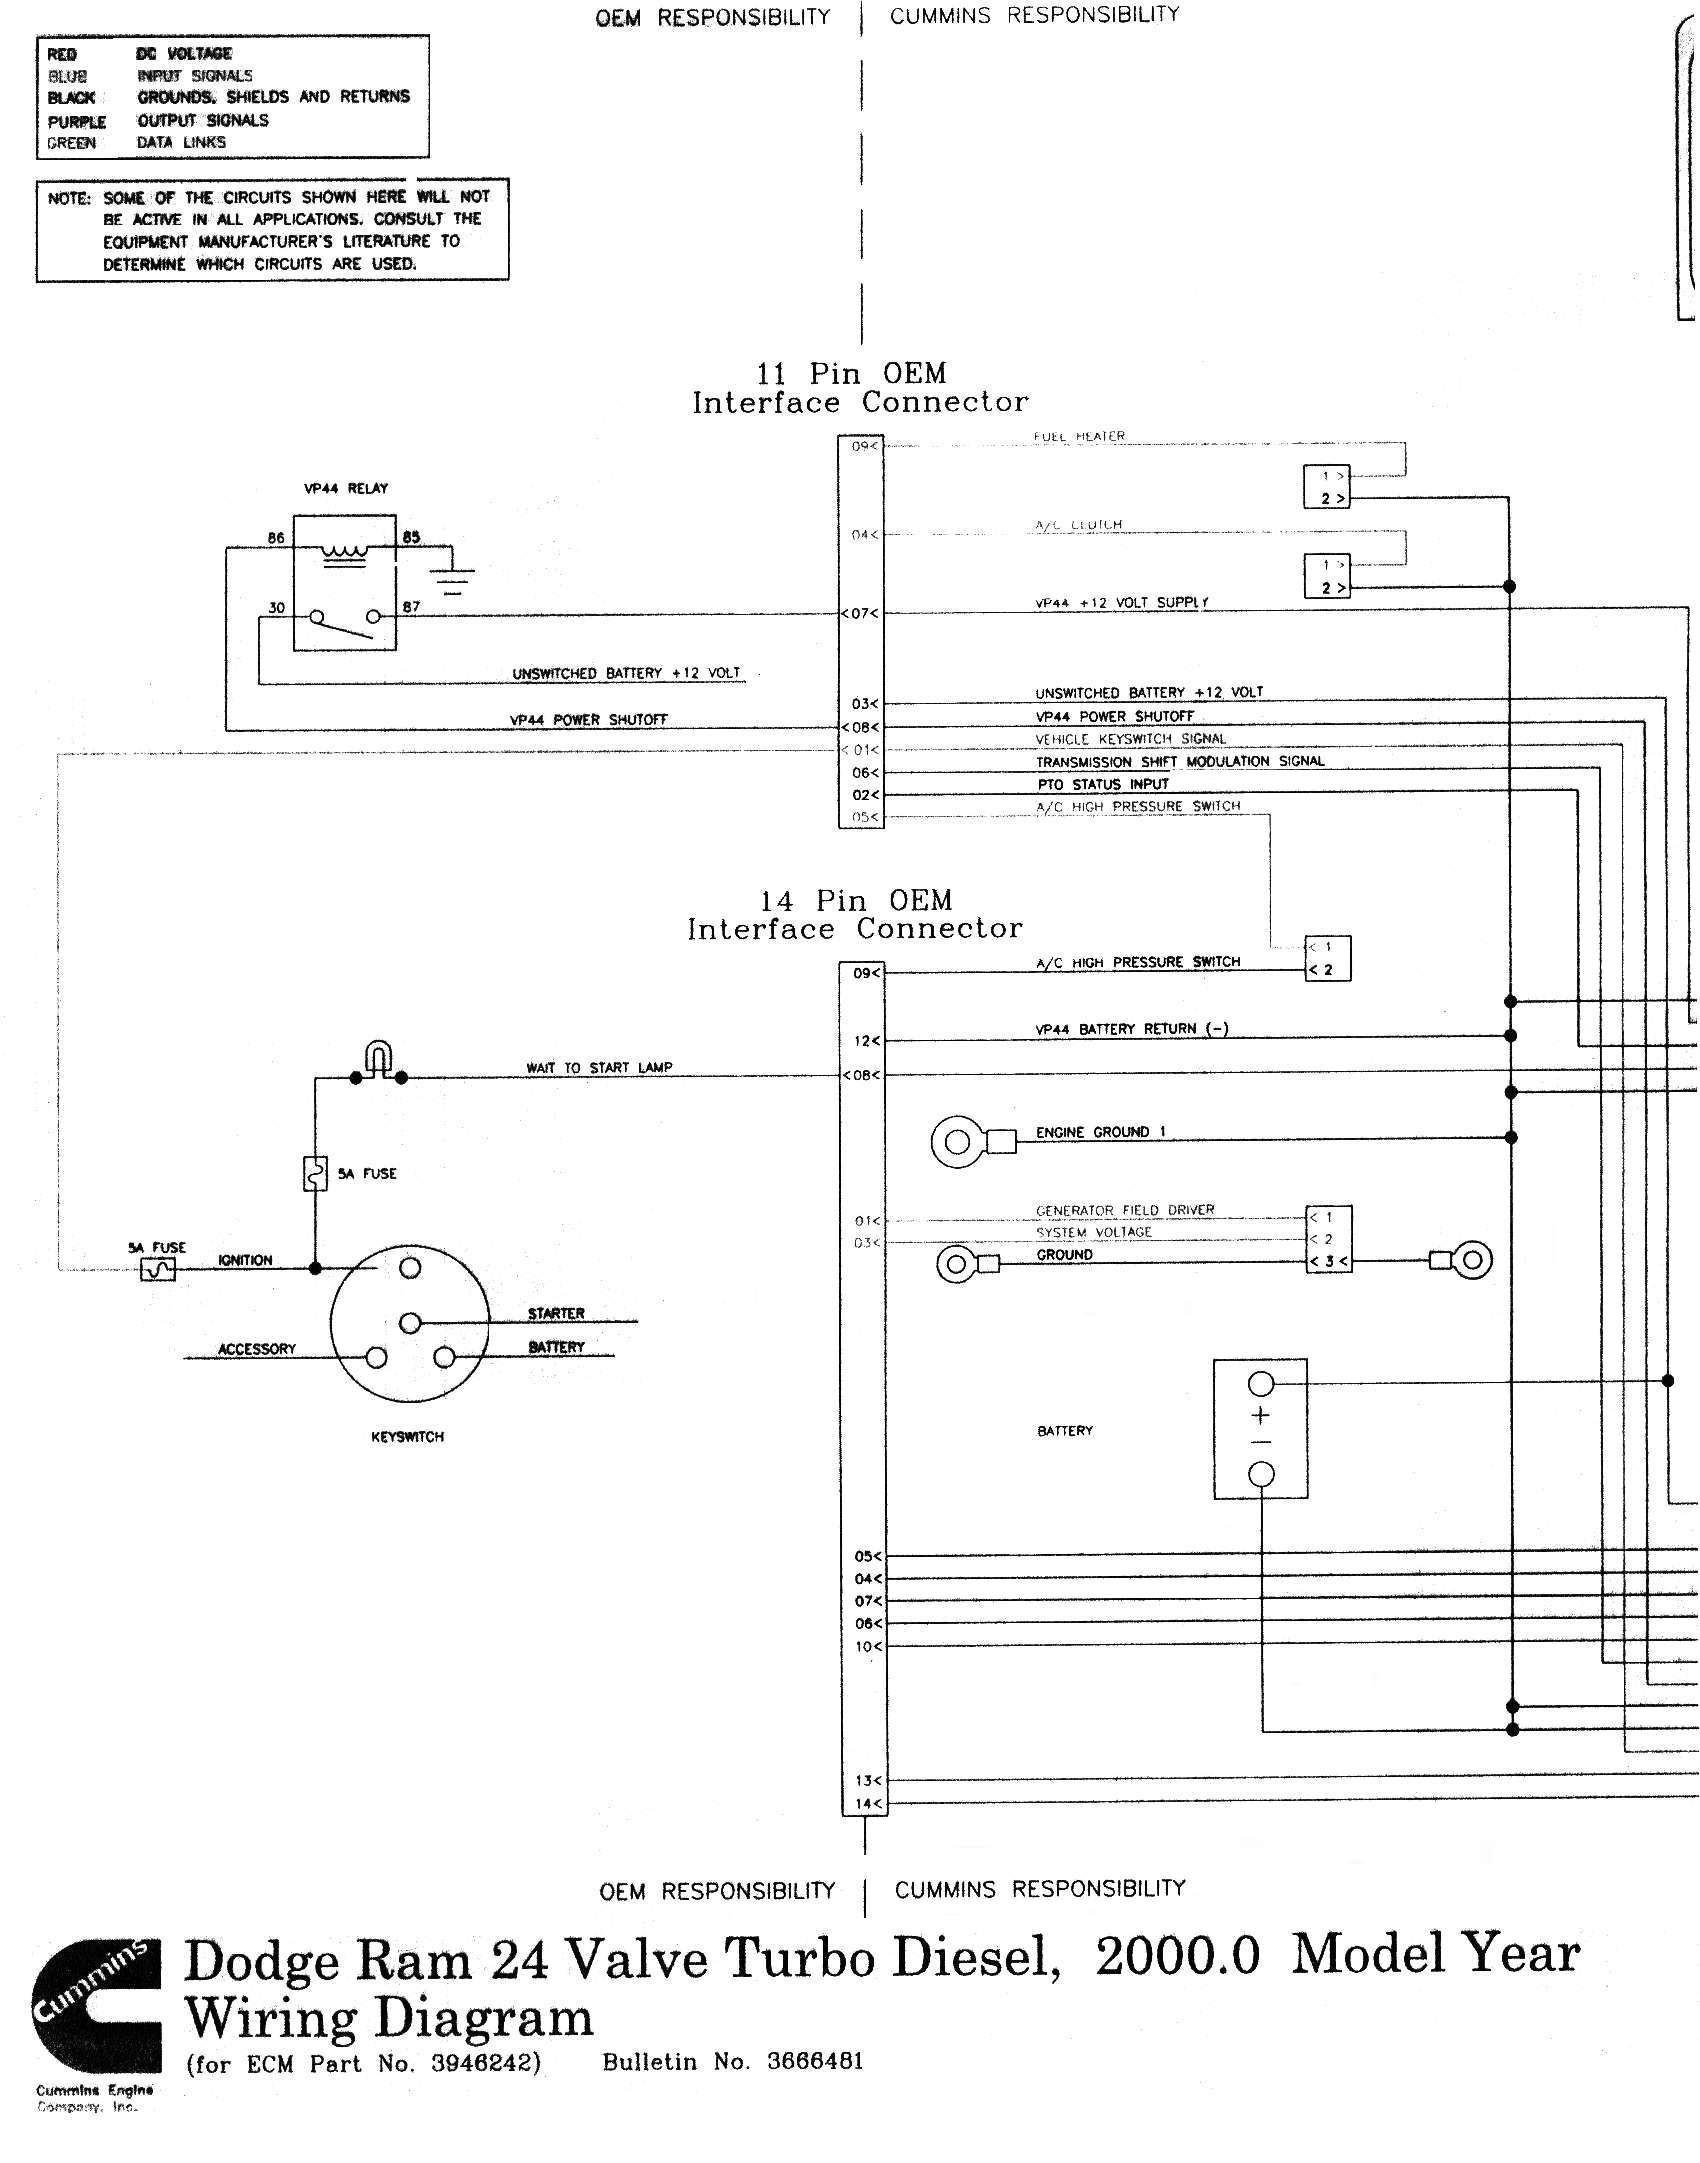 2002 dodge truck alternator wiring wiring diagram gp2002 dodge truck wiring diagram dodge truck interior parts 02 dodge ram alternator wiring wiring